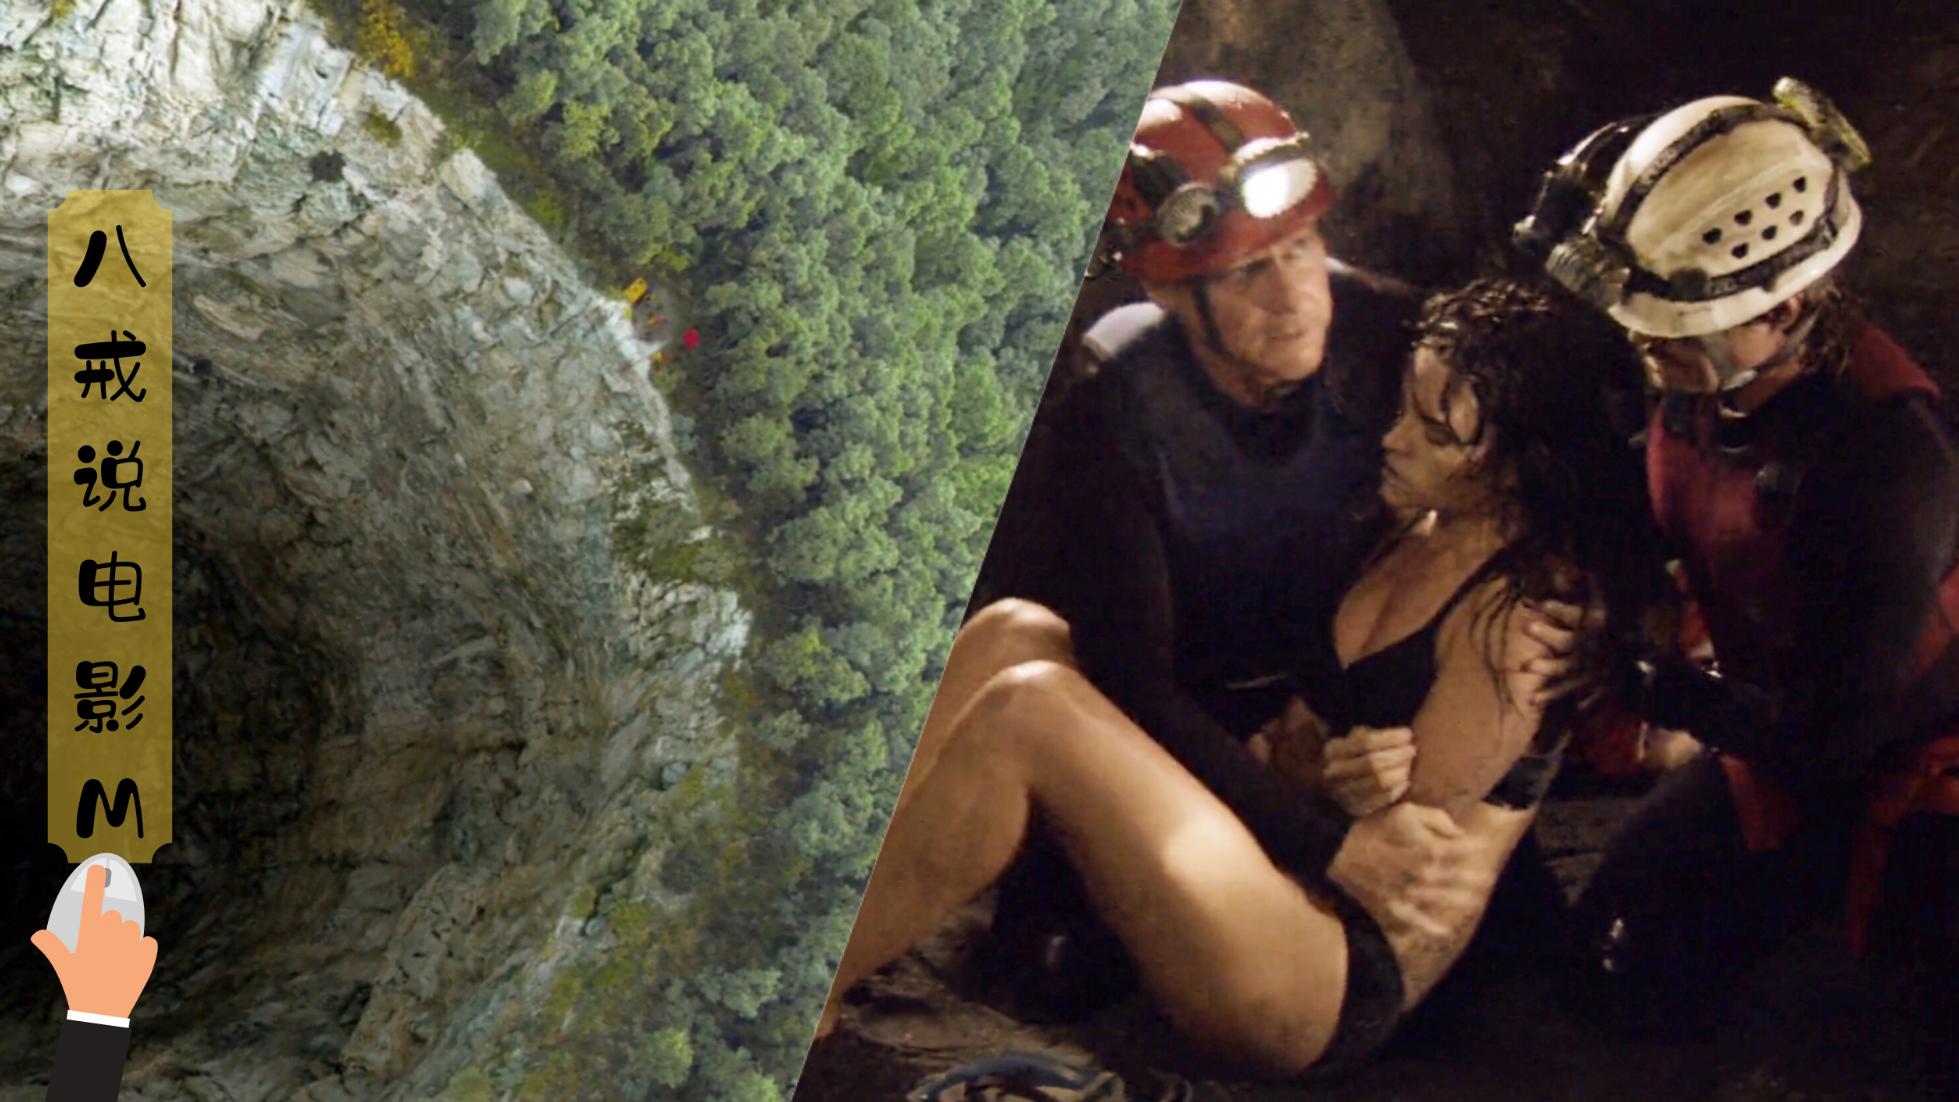 富有小伙探秘神奇洞穴,美女队友却不肯穿死人衣服,结局老惨!